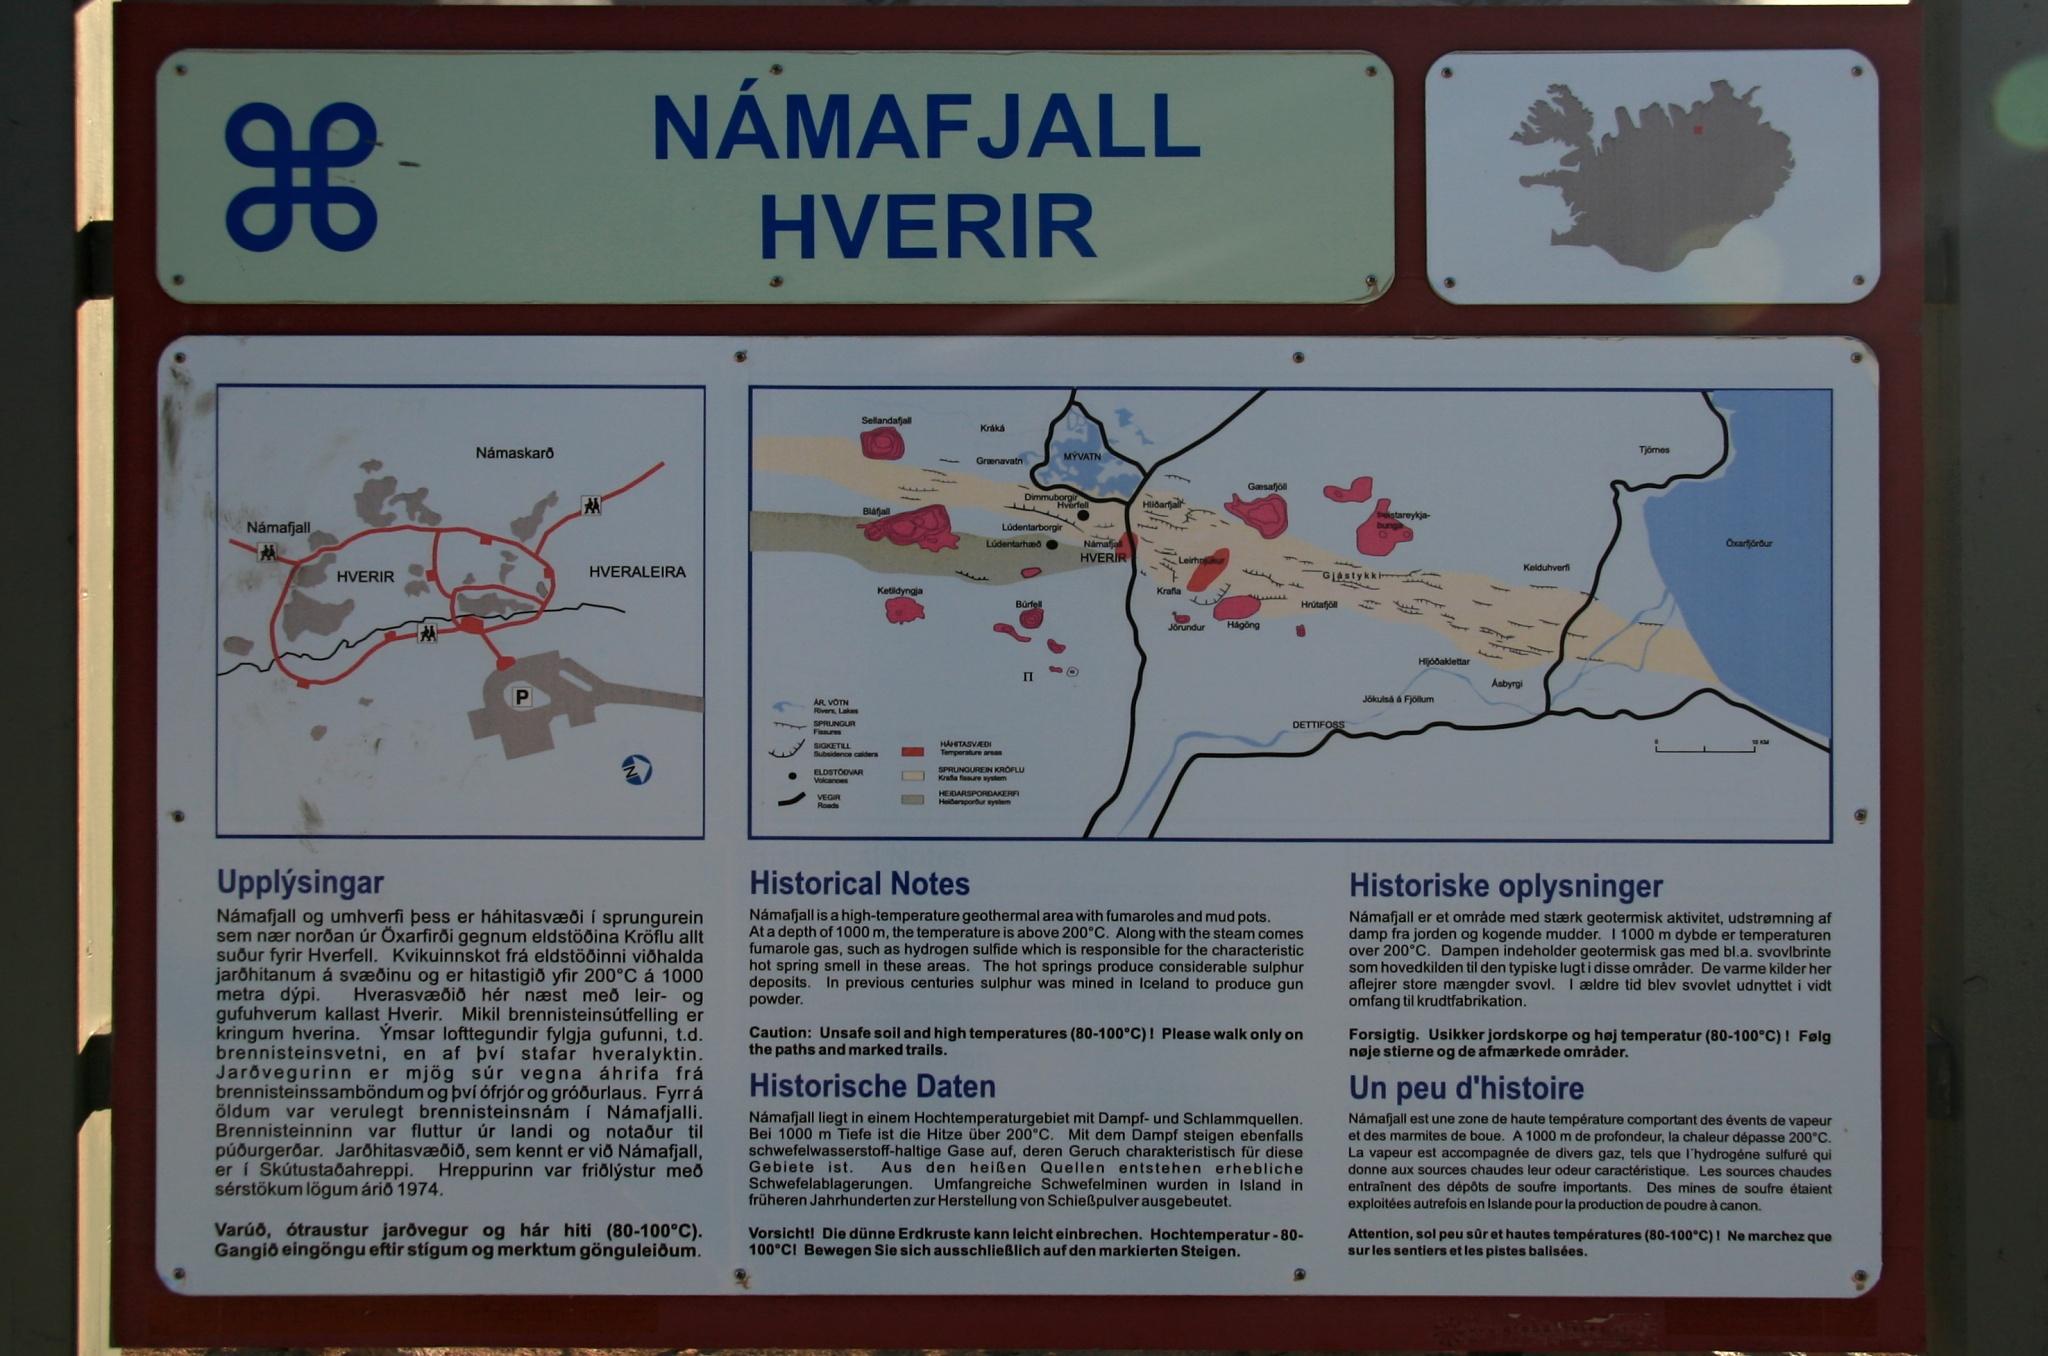 Informační tabule u oblasti Námafjall Hverir